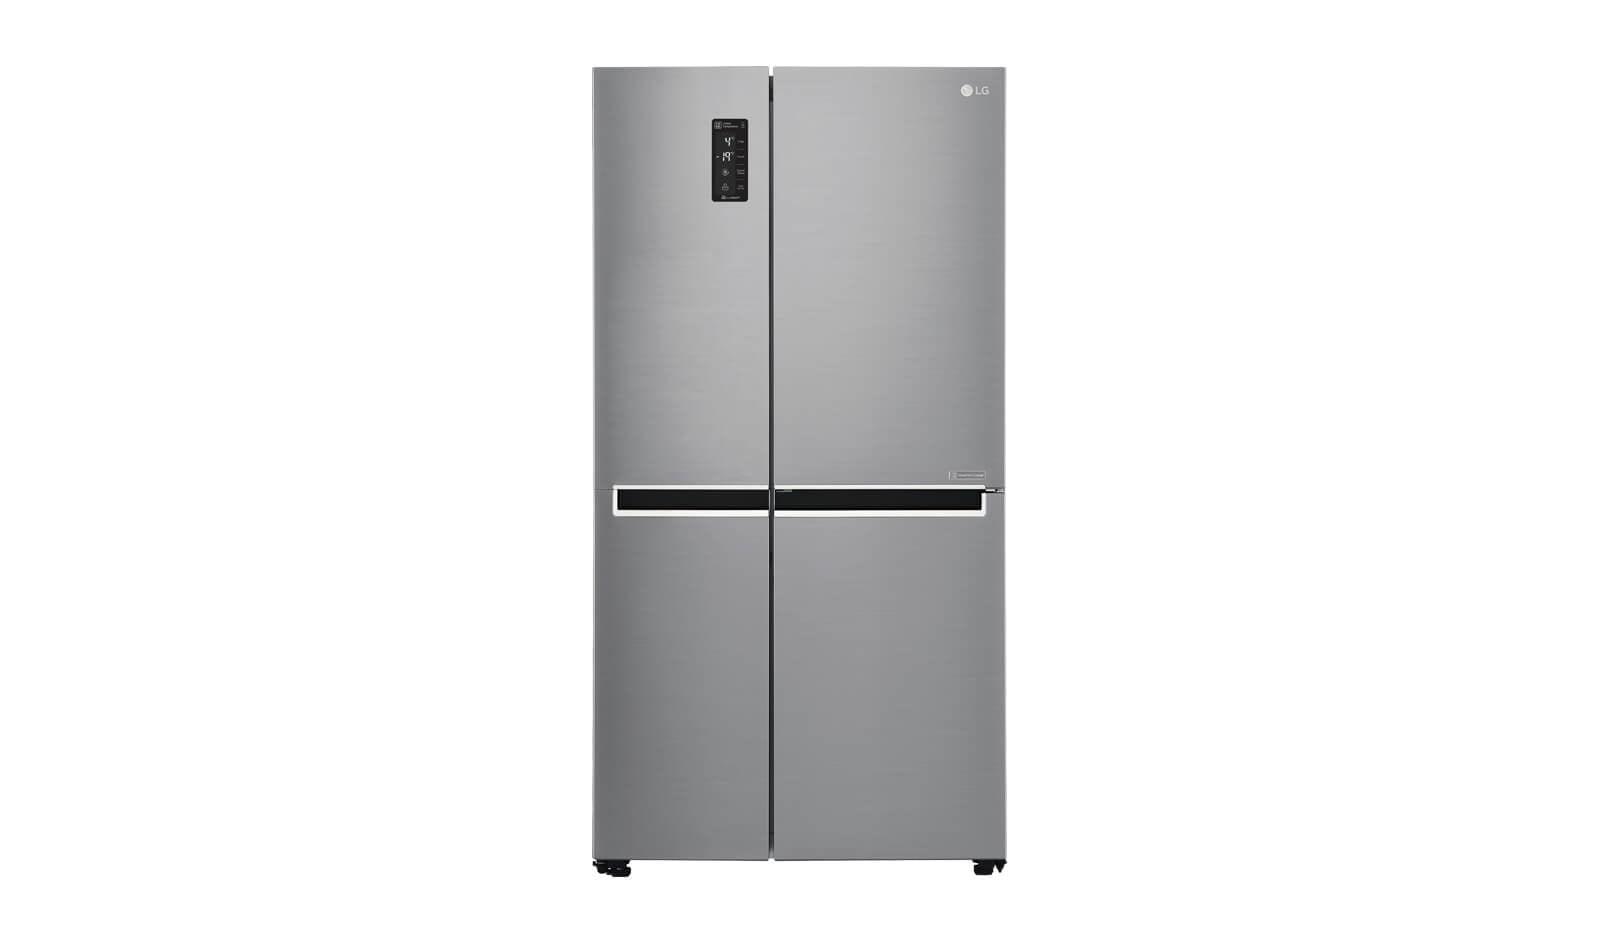 LG Refrigerator GC-B247SLUB